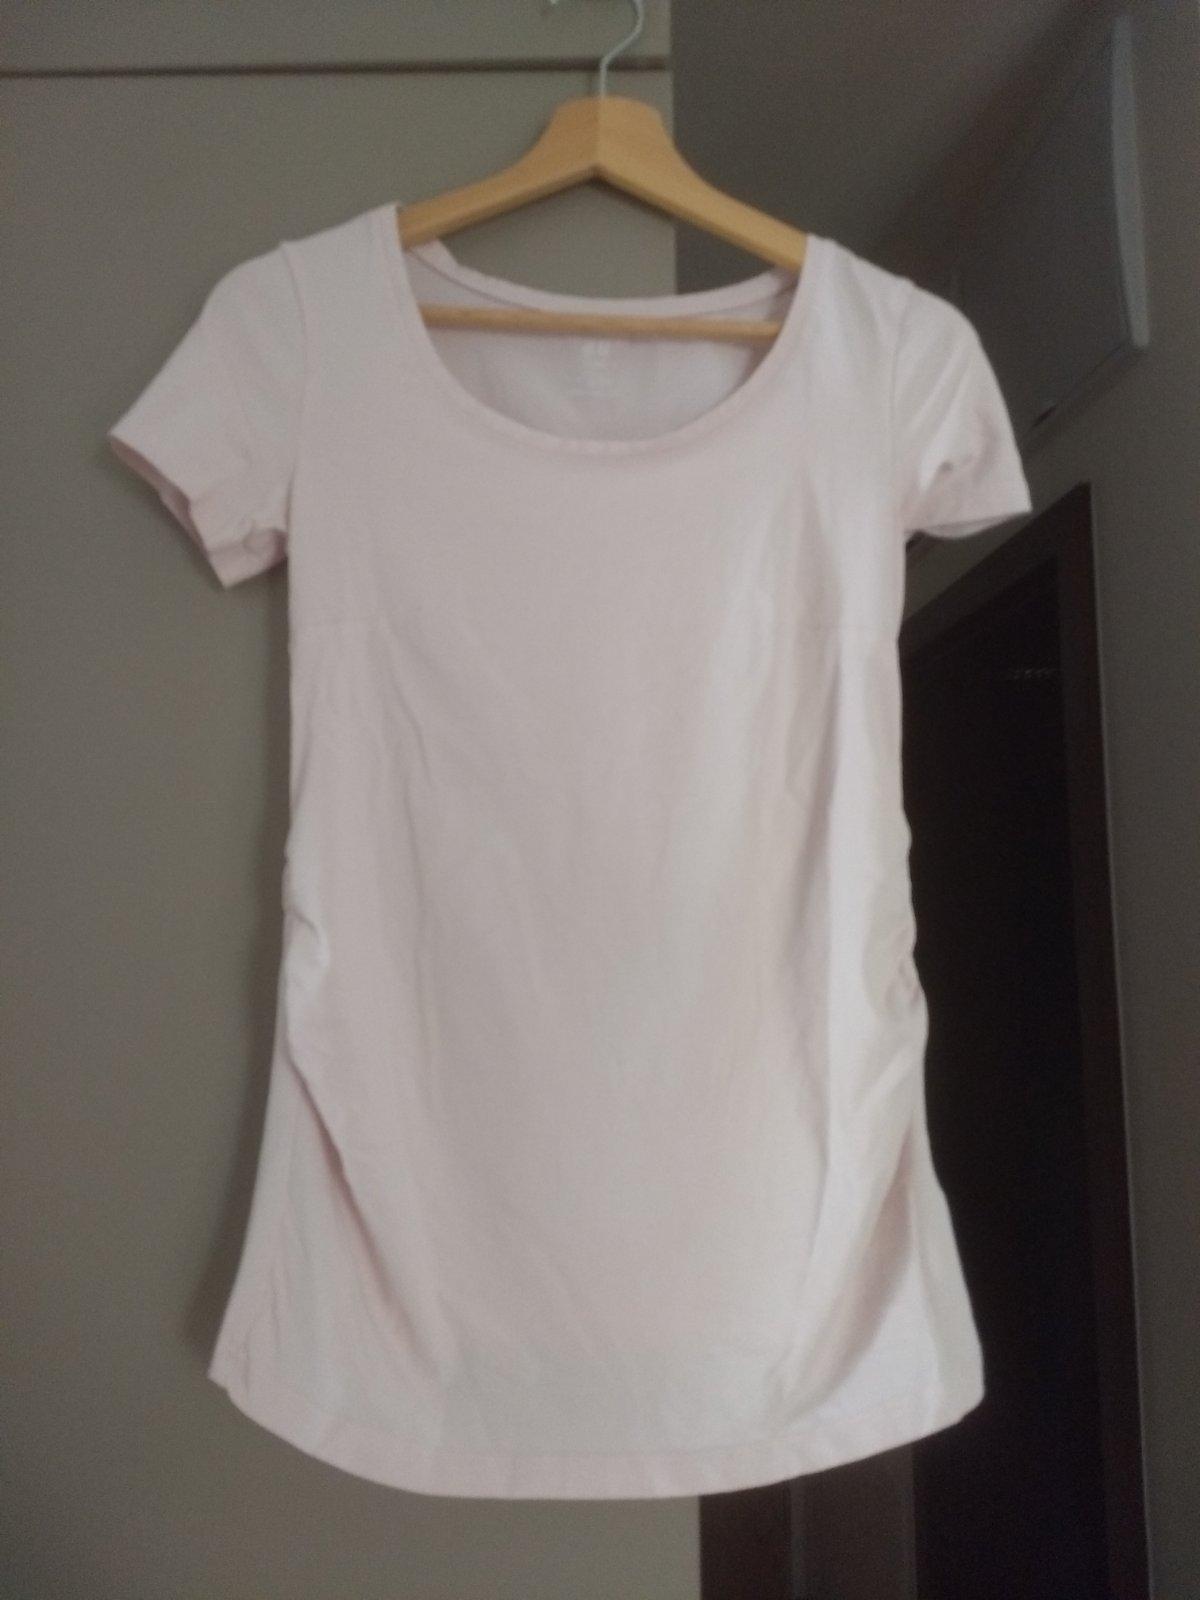 5115b3a80d39f Tehotenské oblečenie, 36 - 19 € od predávajúcej tamarka9 | Detský bazár |  ModryKonik.sk